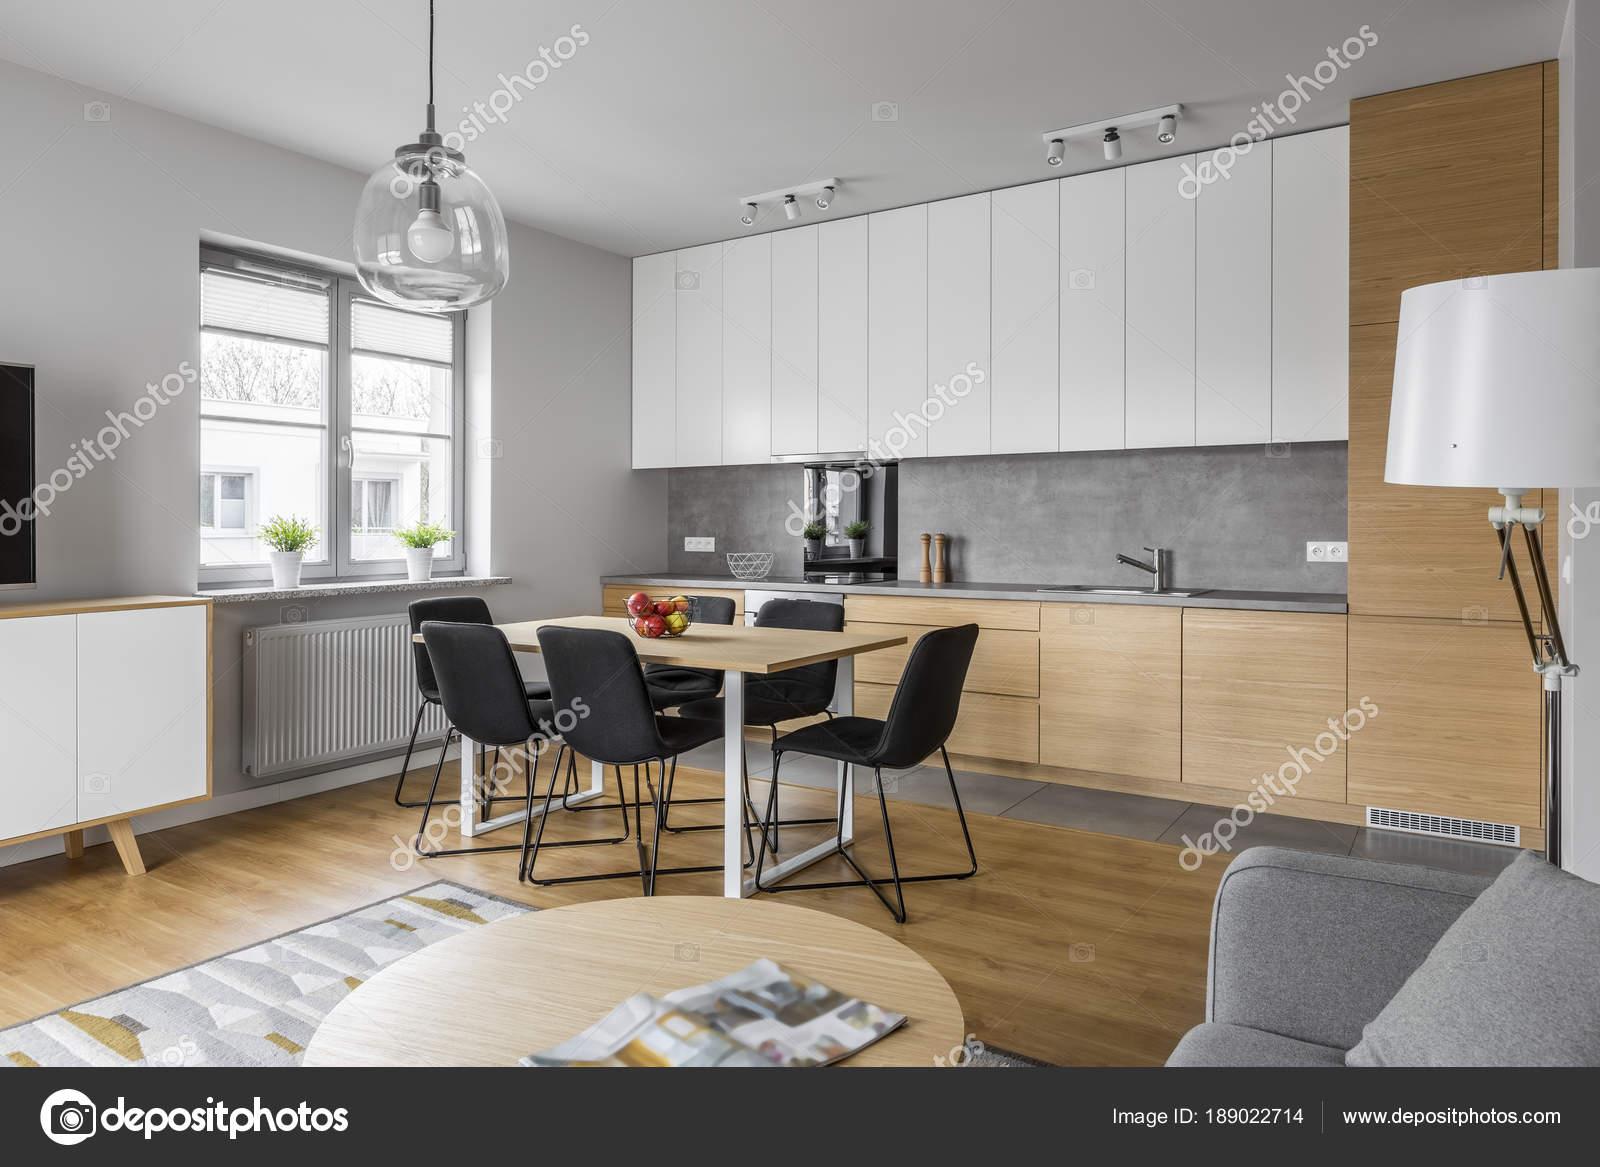 Diseño de cocina contemporánea — Fotos de Stock © in4mal #189022714